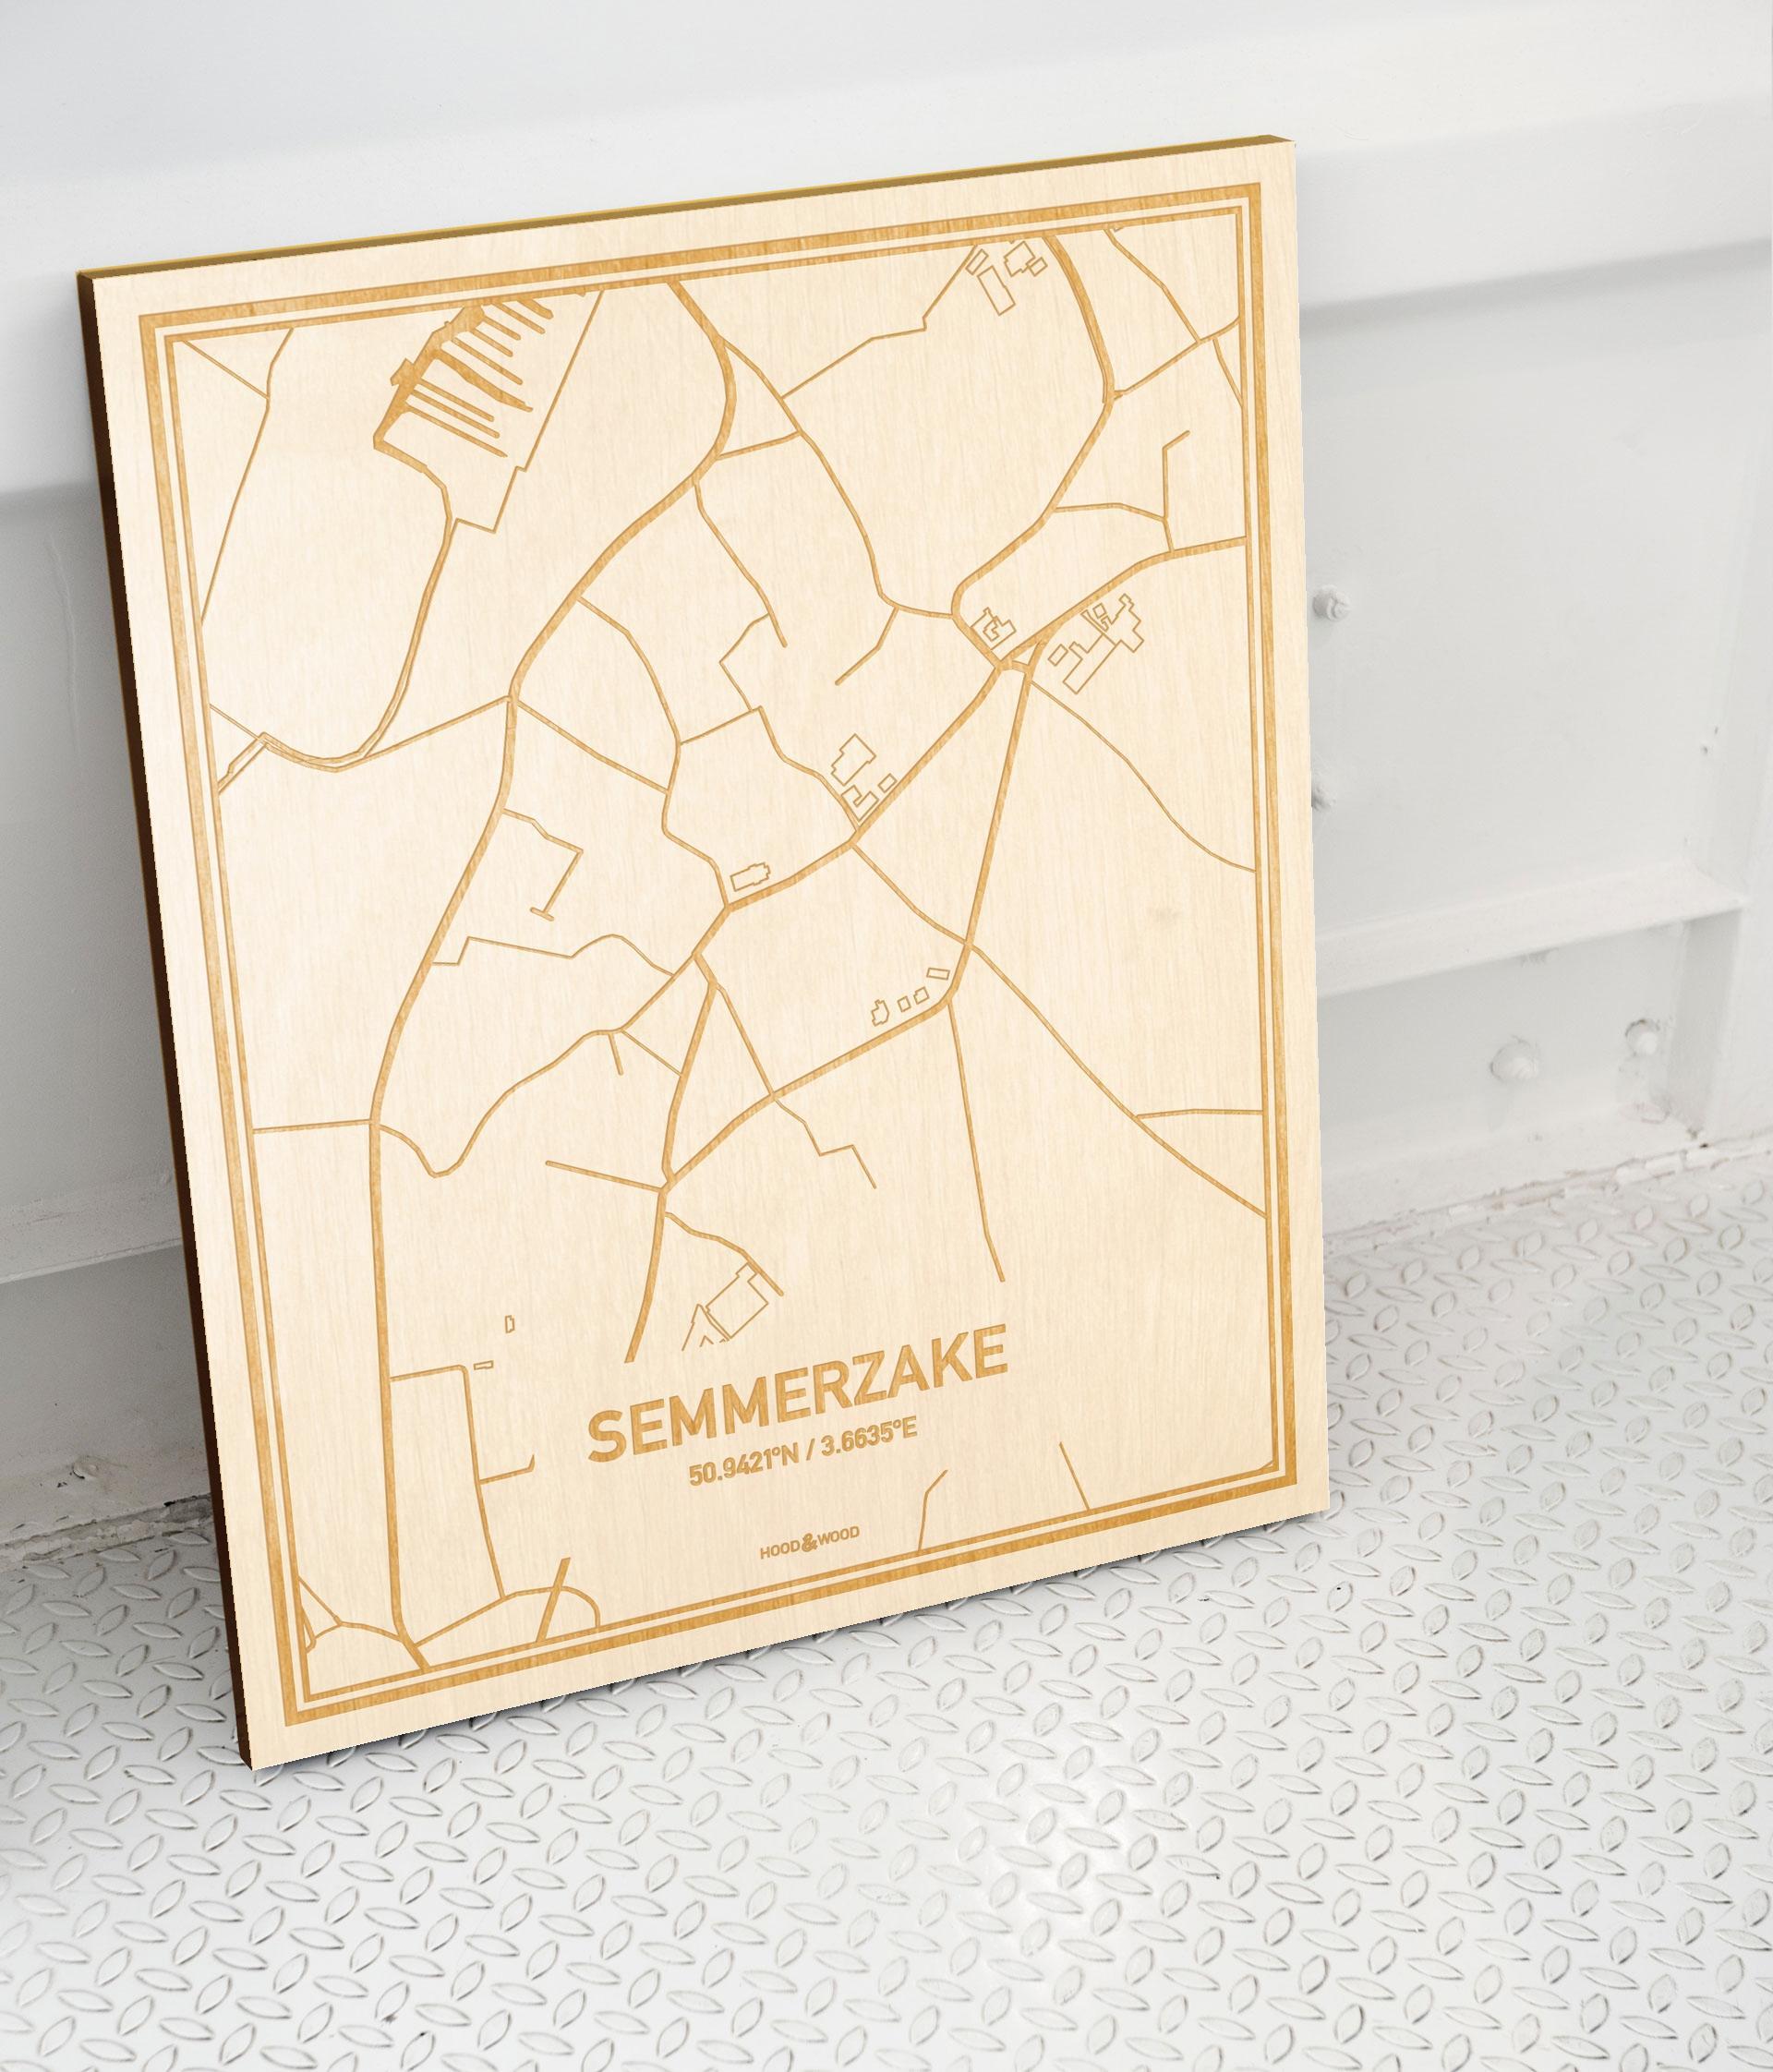 Plattegrond Semmerzake als prachtige houten wanddecoratie. Het warme hout contrasteert mooi met de witte muur.